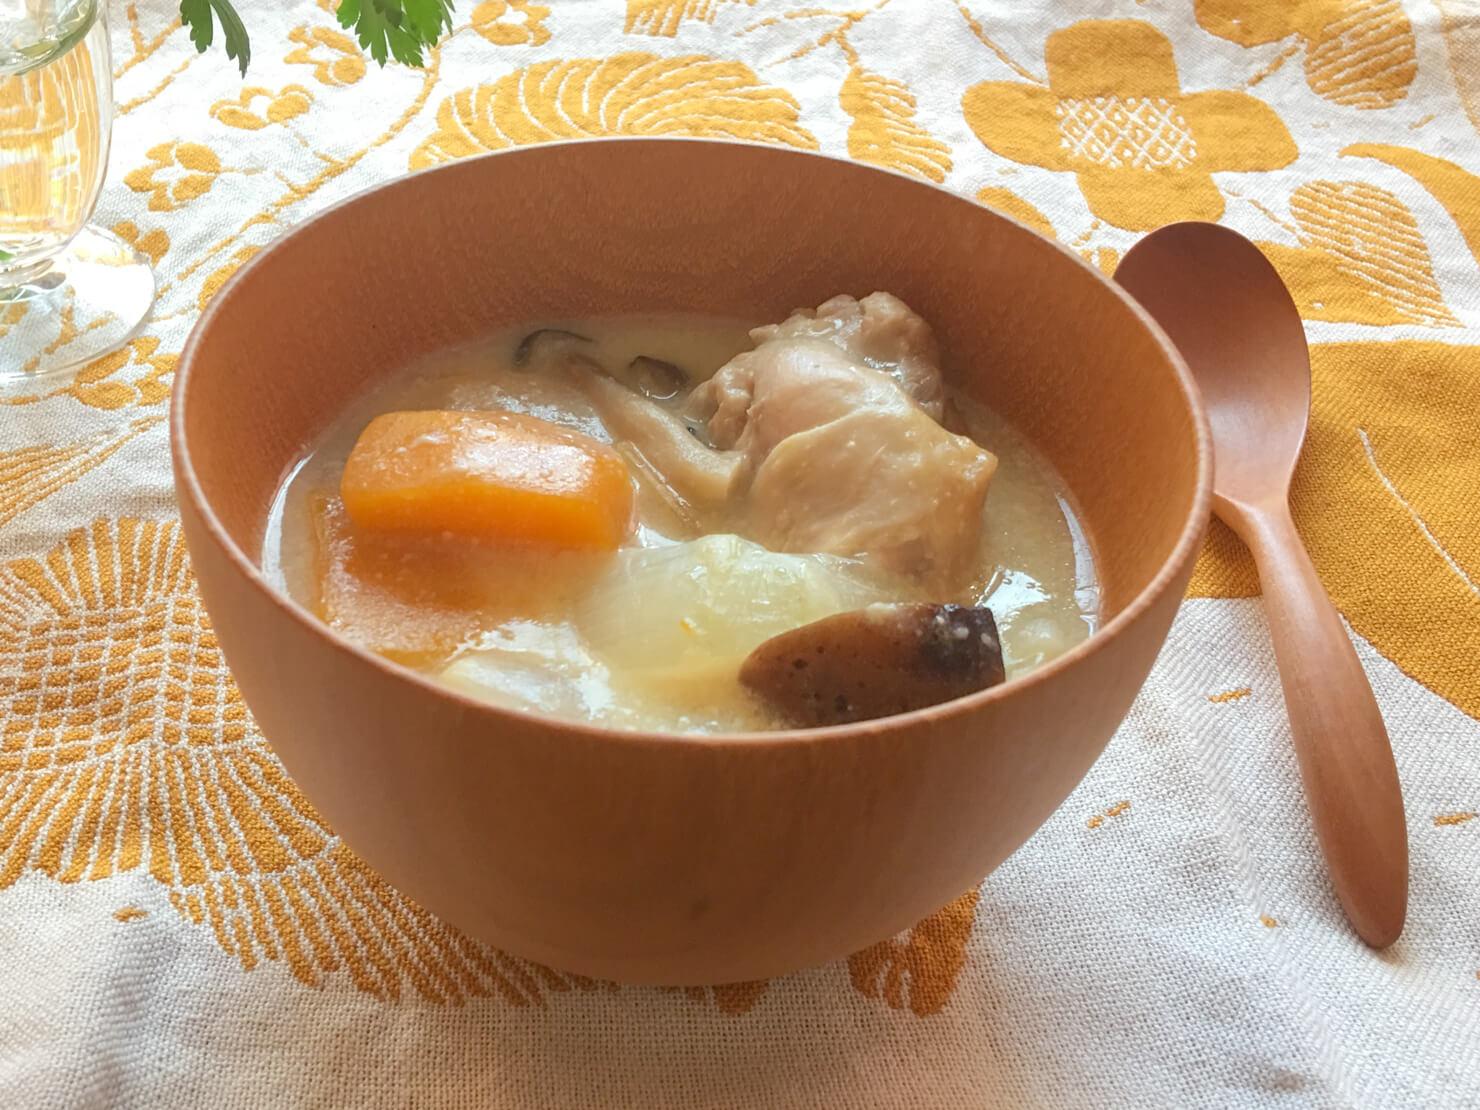 バターナッツかぼちゃと手羽元の豆乳煮の写真